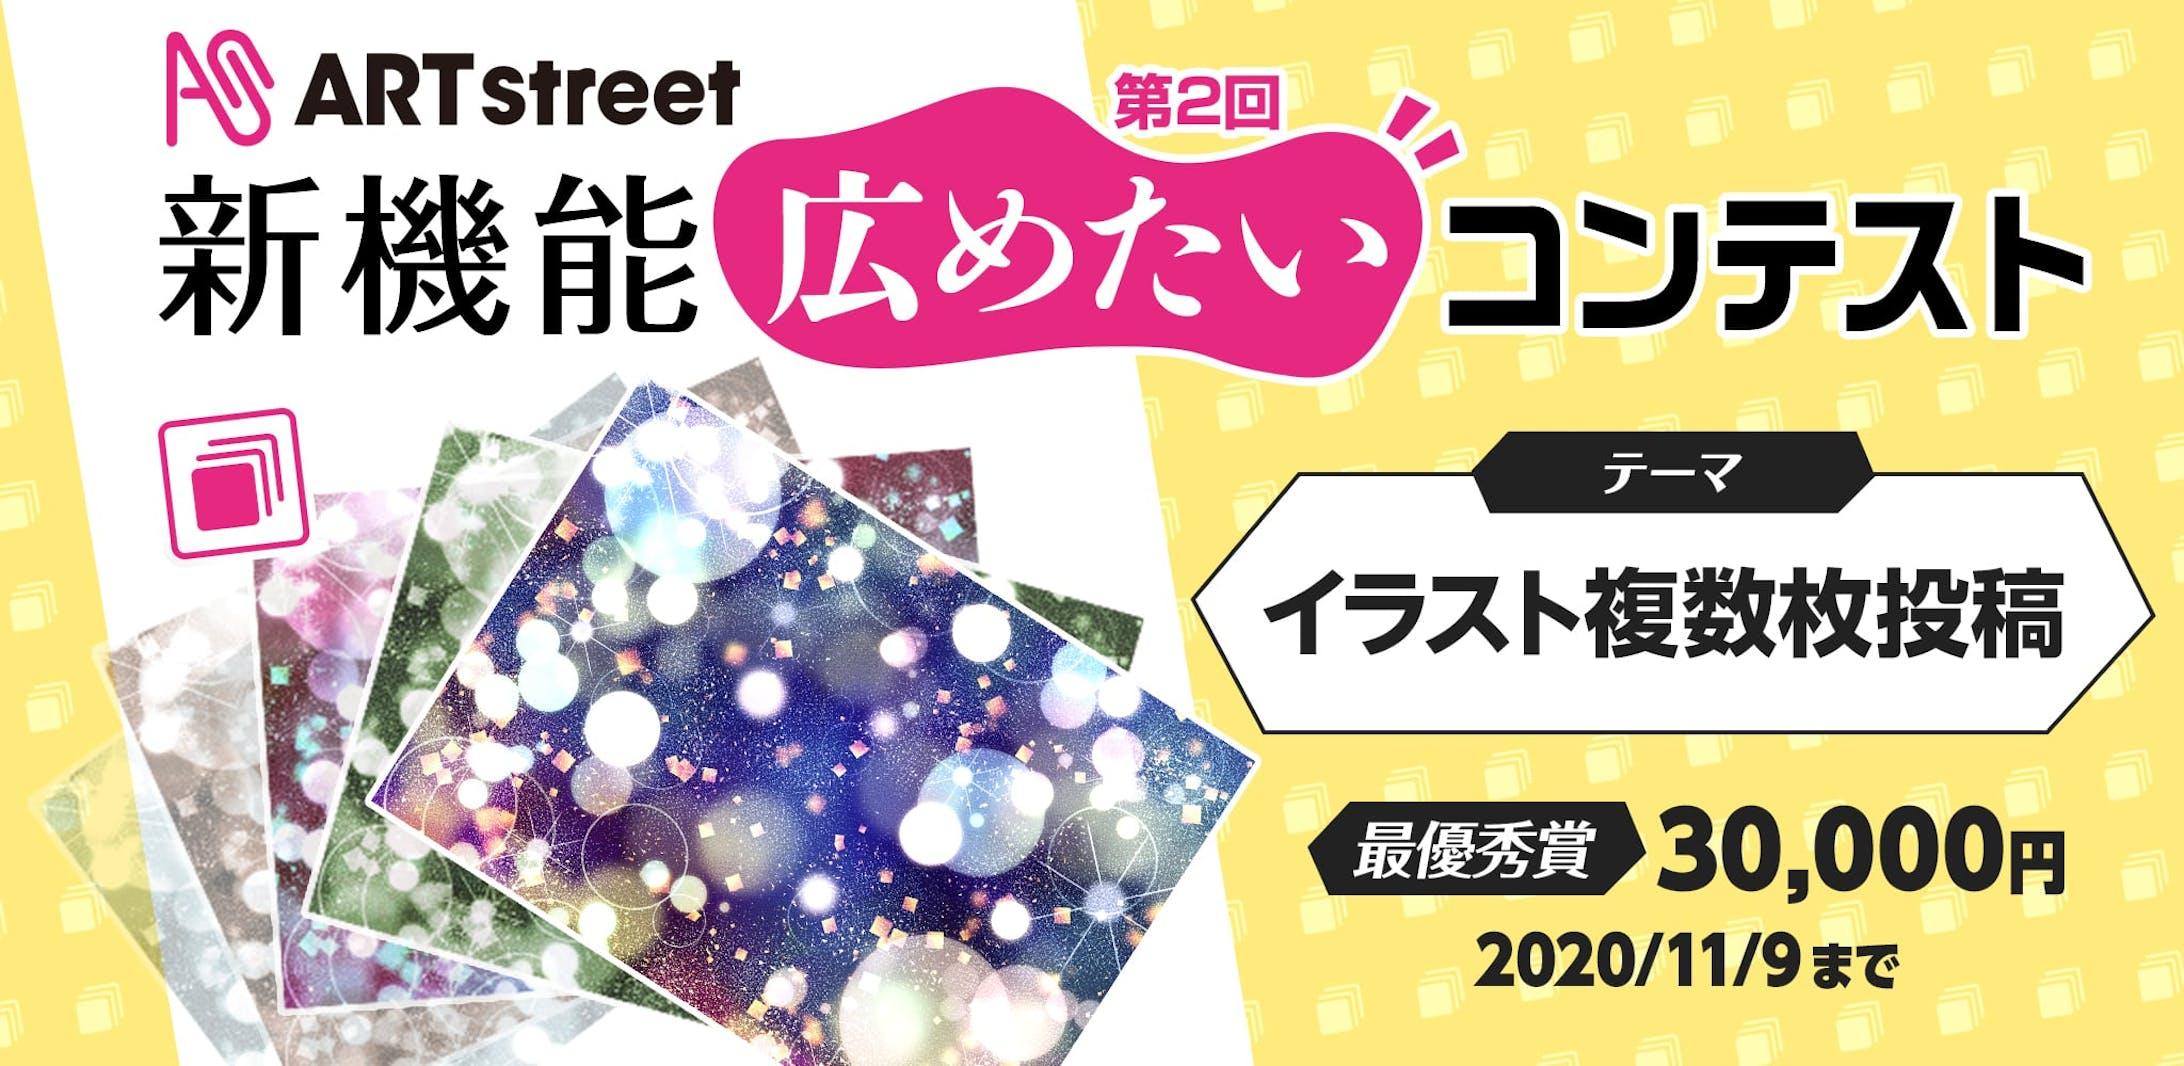 202008第2回 ART street新機能広めたいコンテスト-イラスト複数枚投稿-1